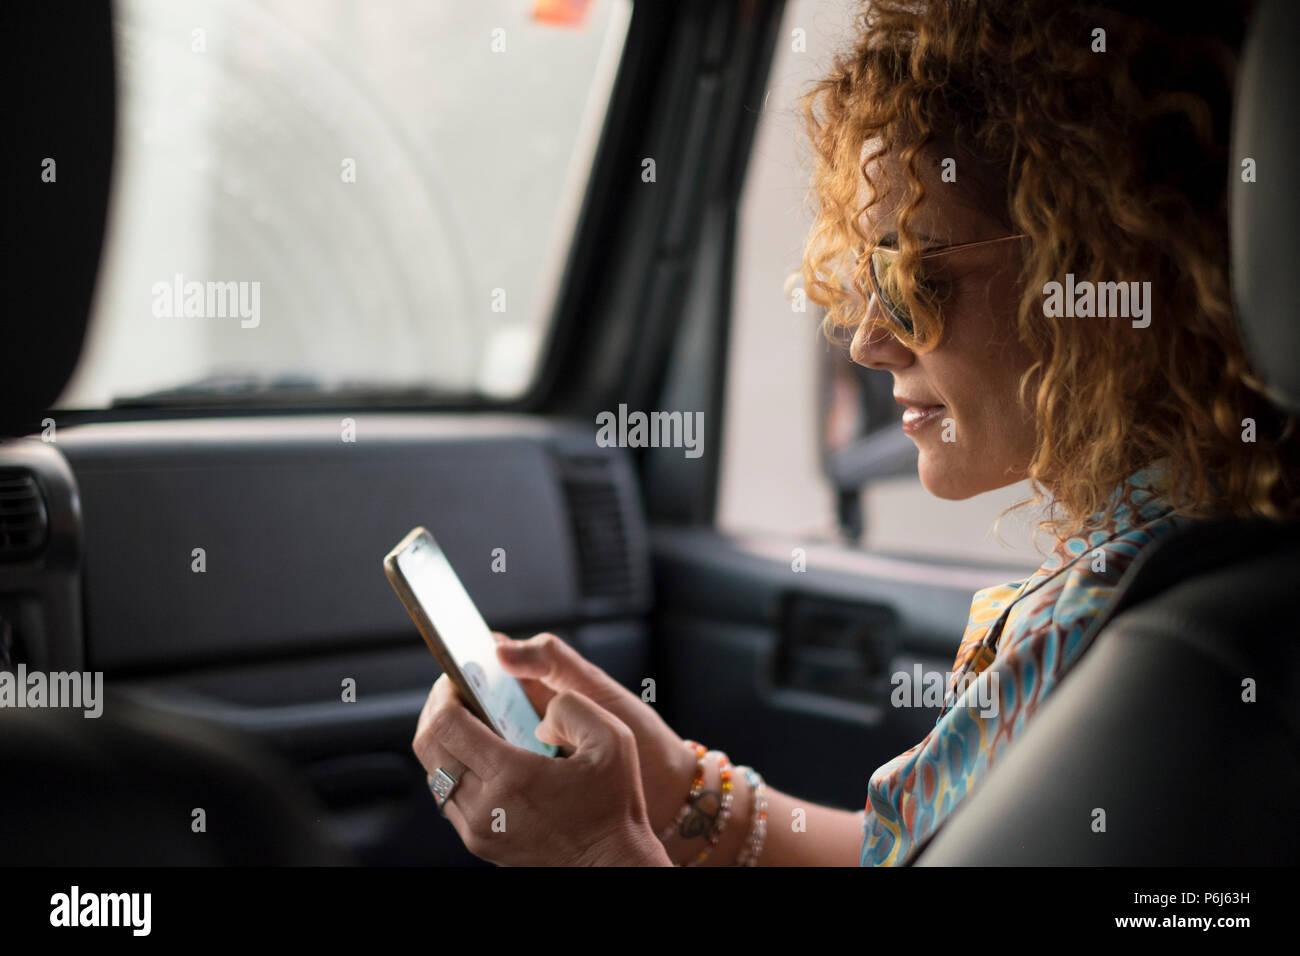 Schön, schöne junge Frau lächeln und die Nutzung von Mobiltelefonen durch Berühren des Bildschirms innerhalb des Autos während Reisen. moderne Konzept der Search Dinge und Kontakt Frie Stockbild